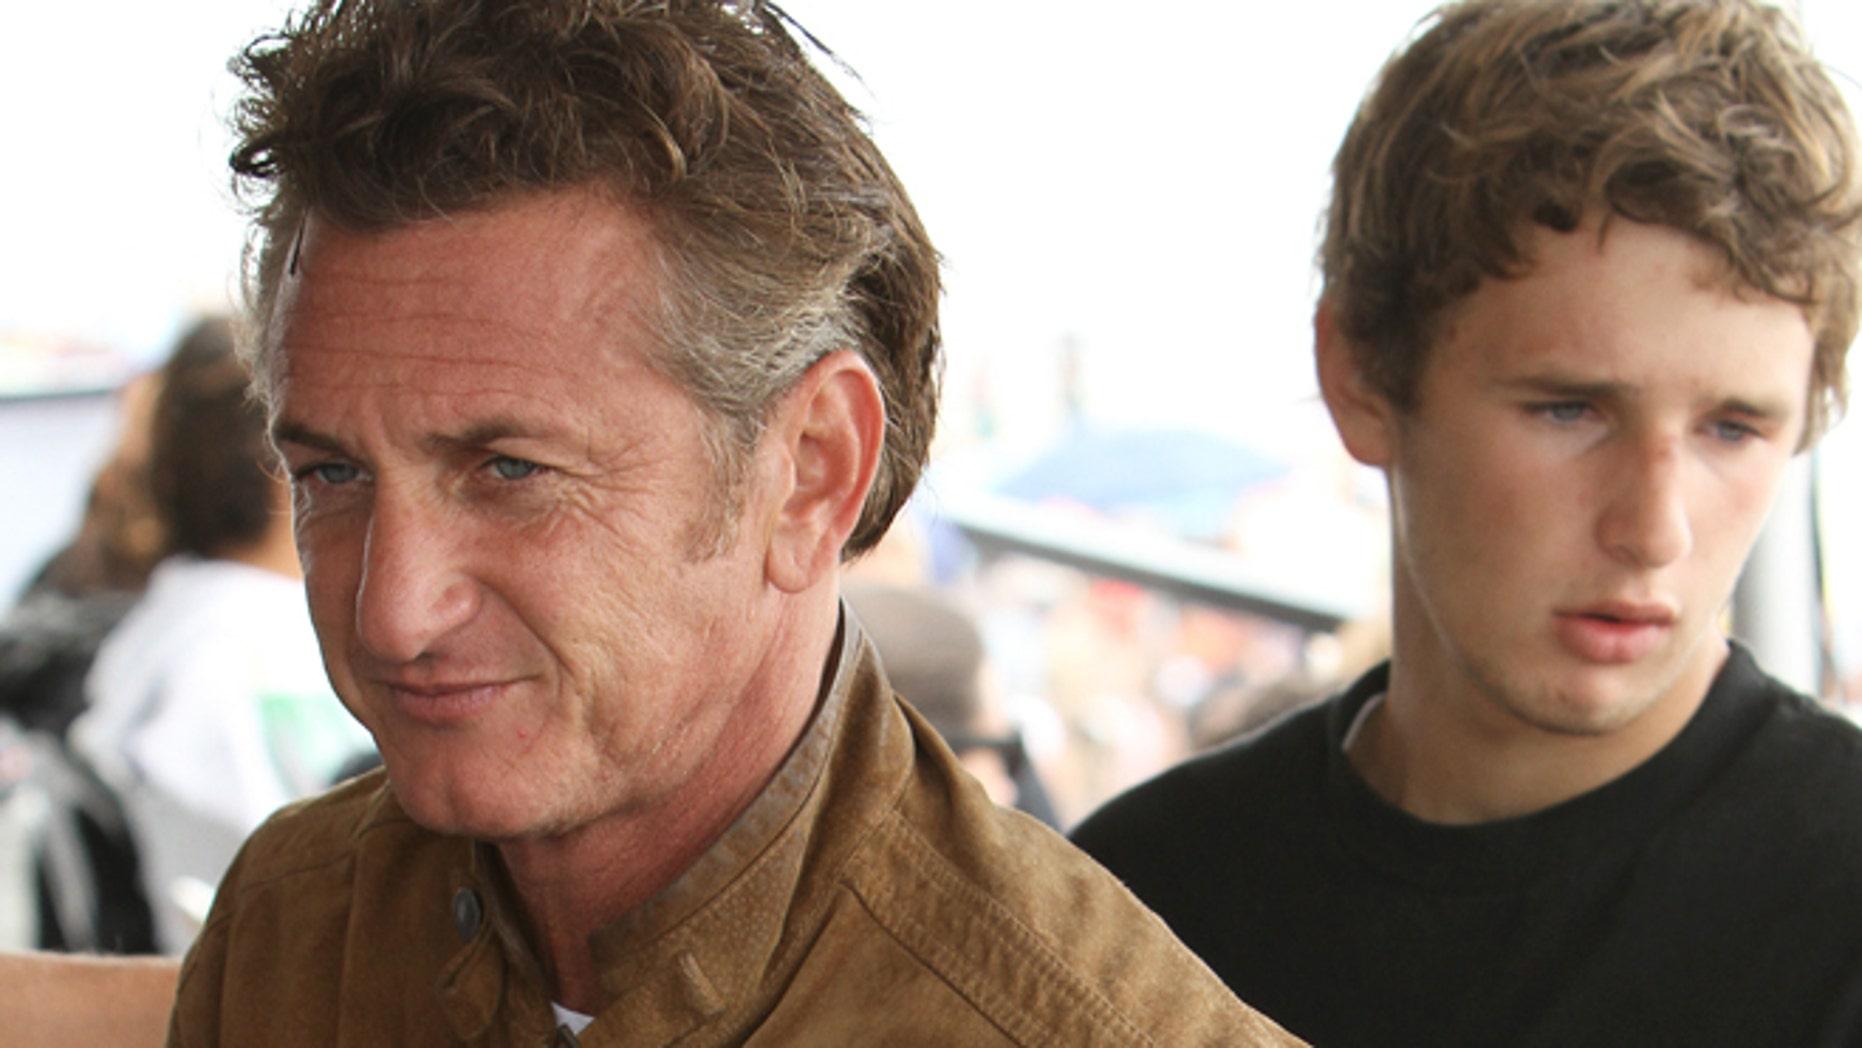 Sean Penn and his son Hopper. Aug. 5, 2010